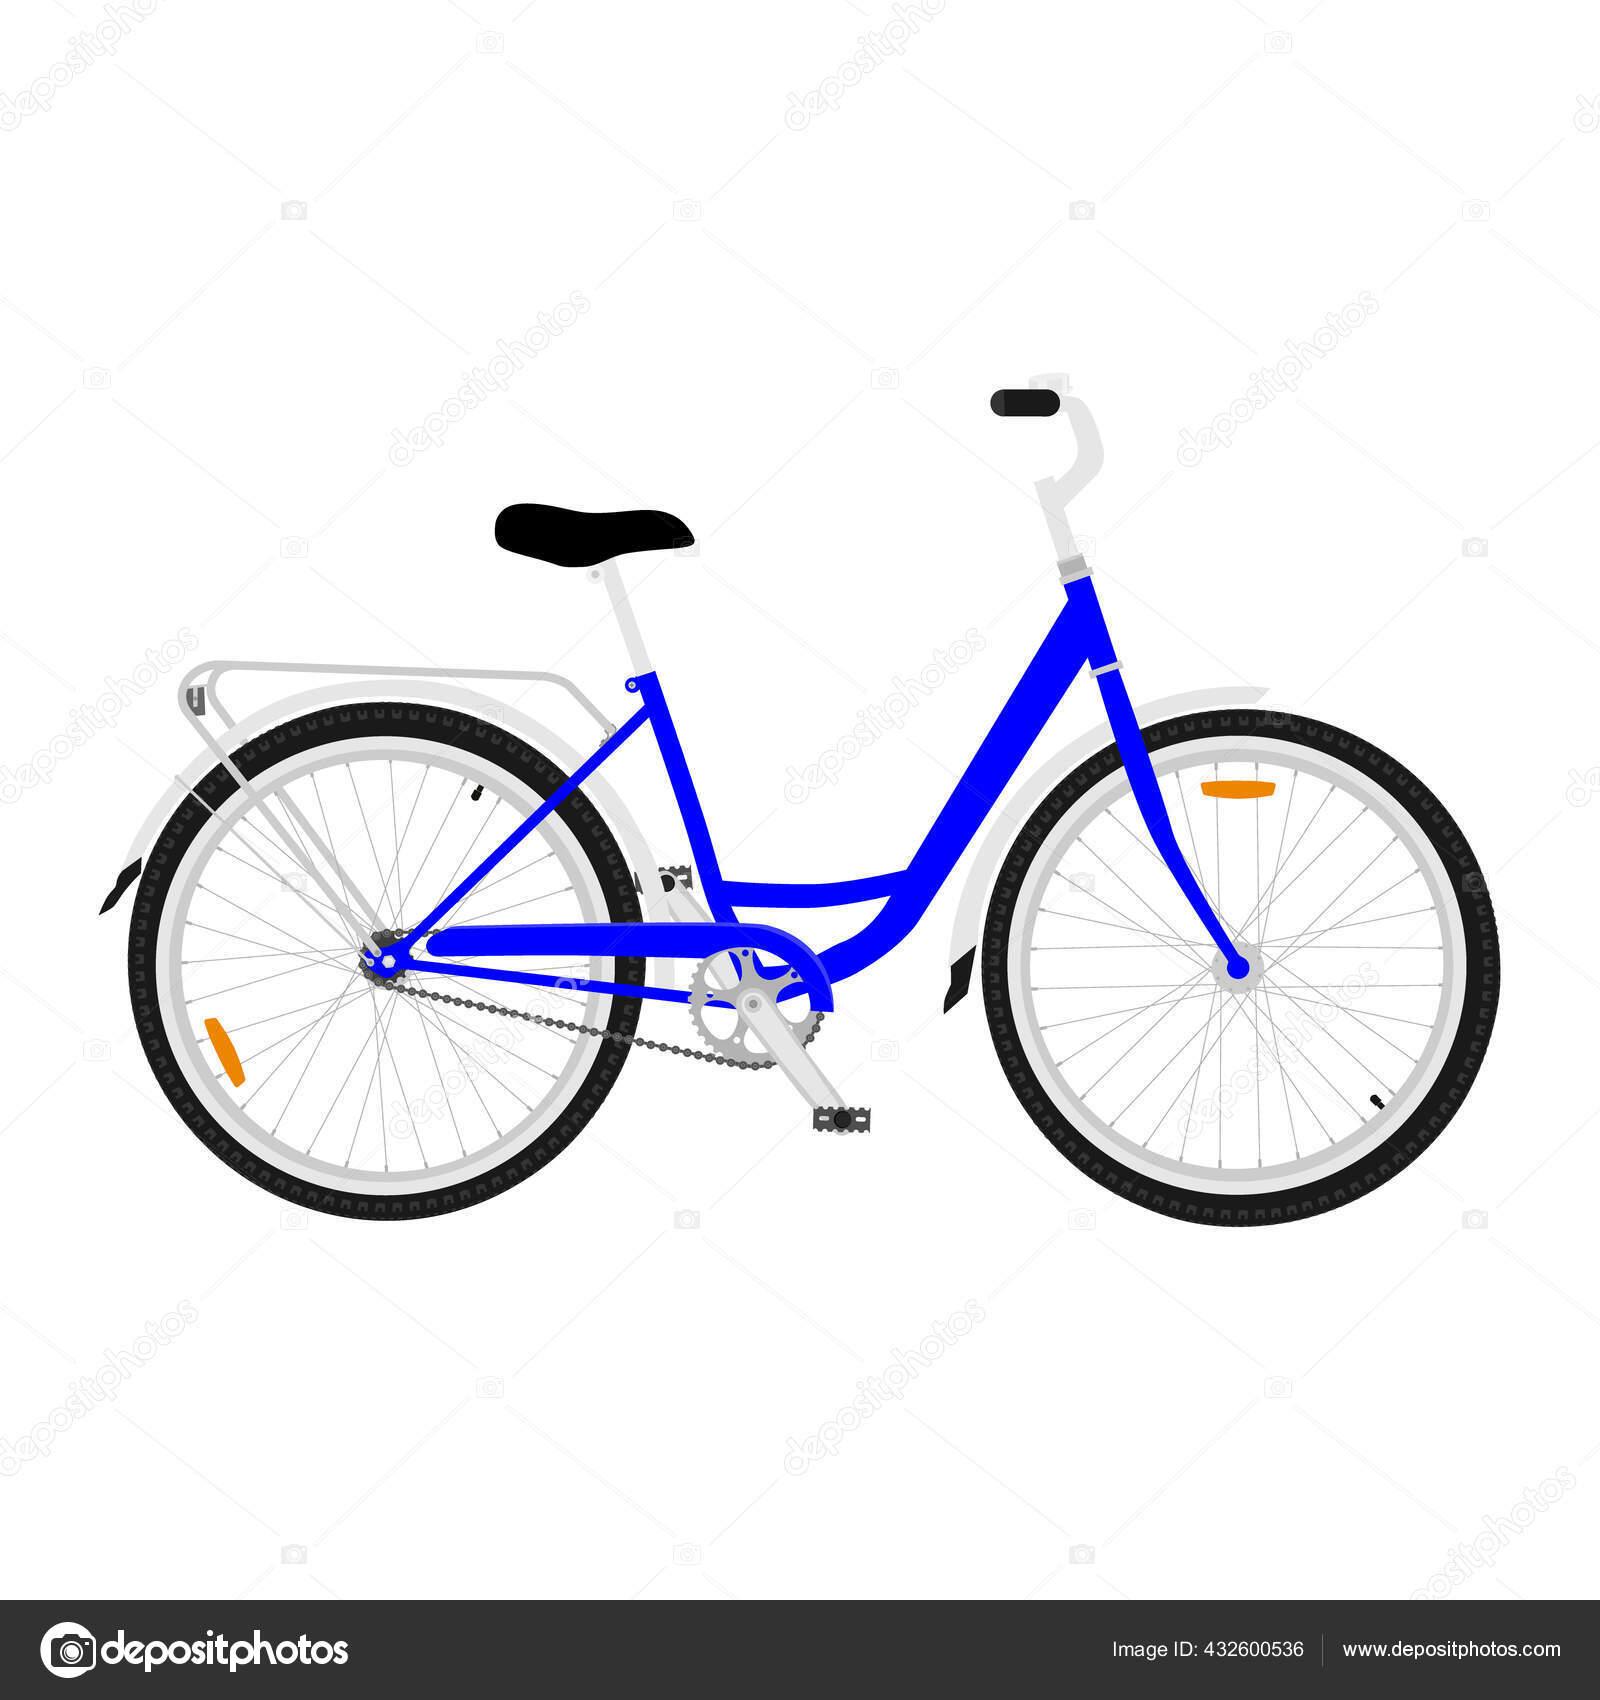 Bicicleta Montanha Azul Com Pneus Offroad Grossos Ciclismo Conceito Transporte Vetores De Stock C Viktorijareut 432600536